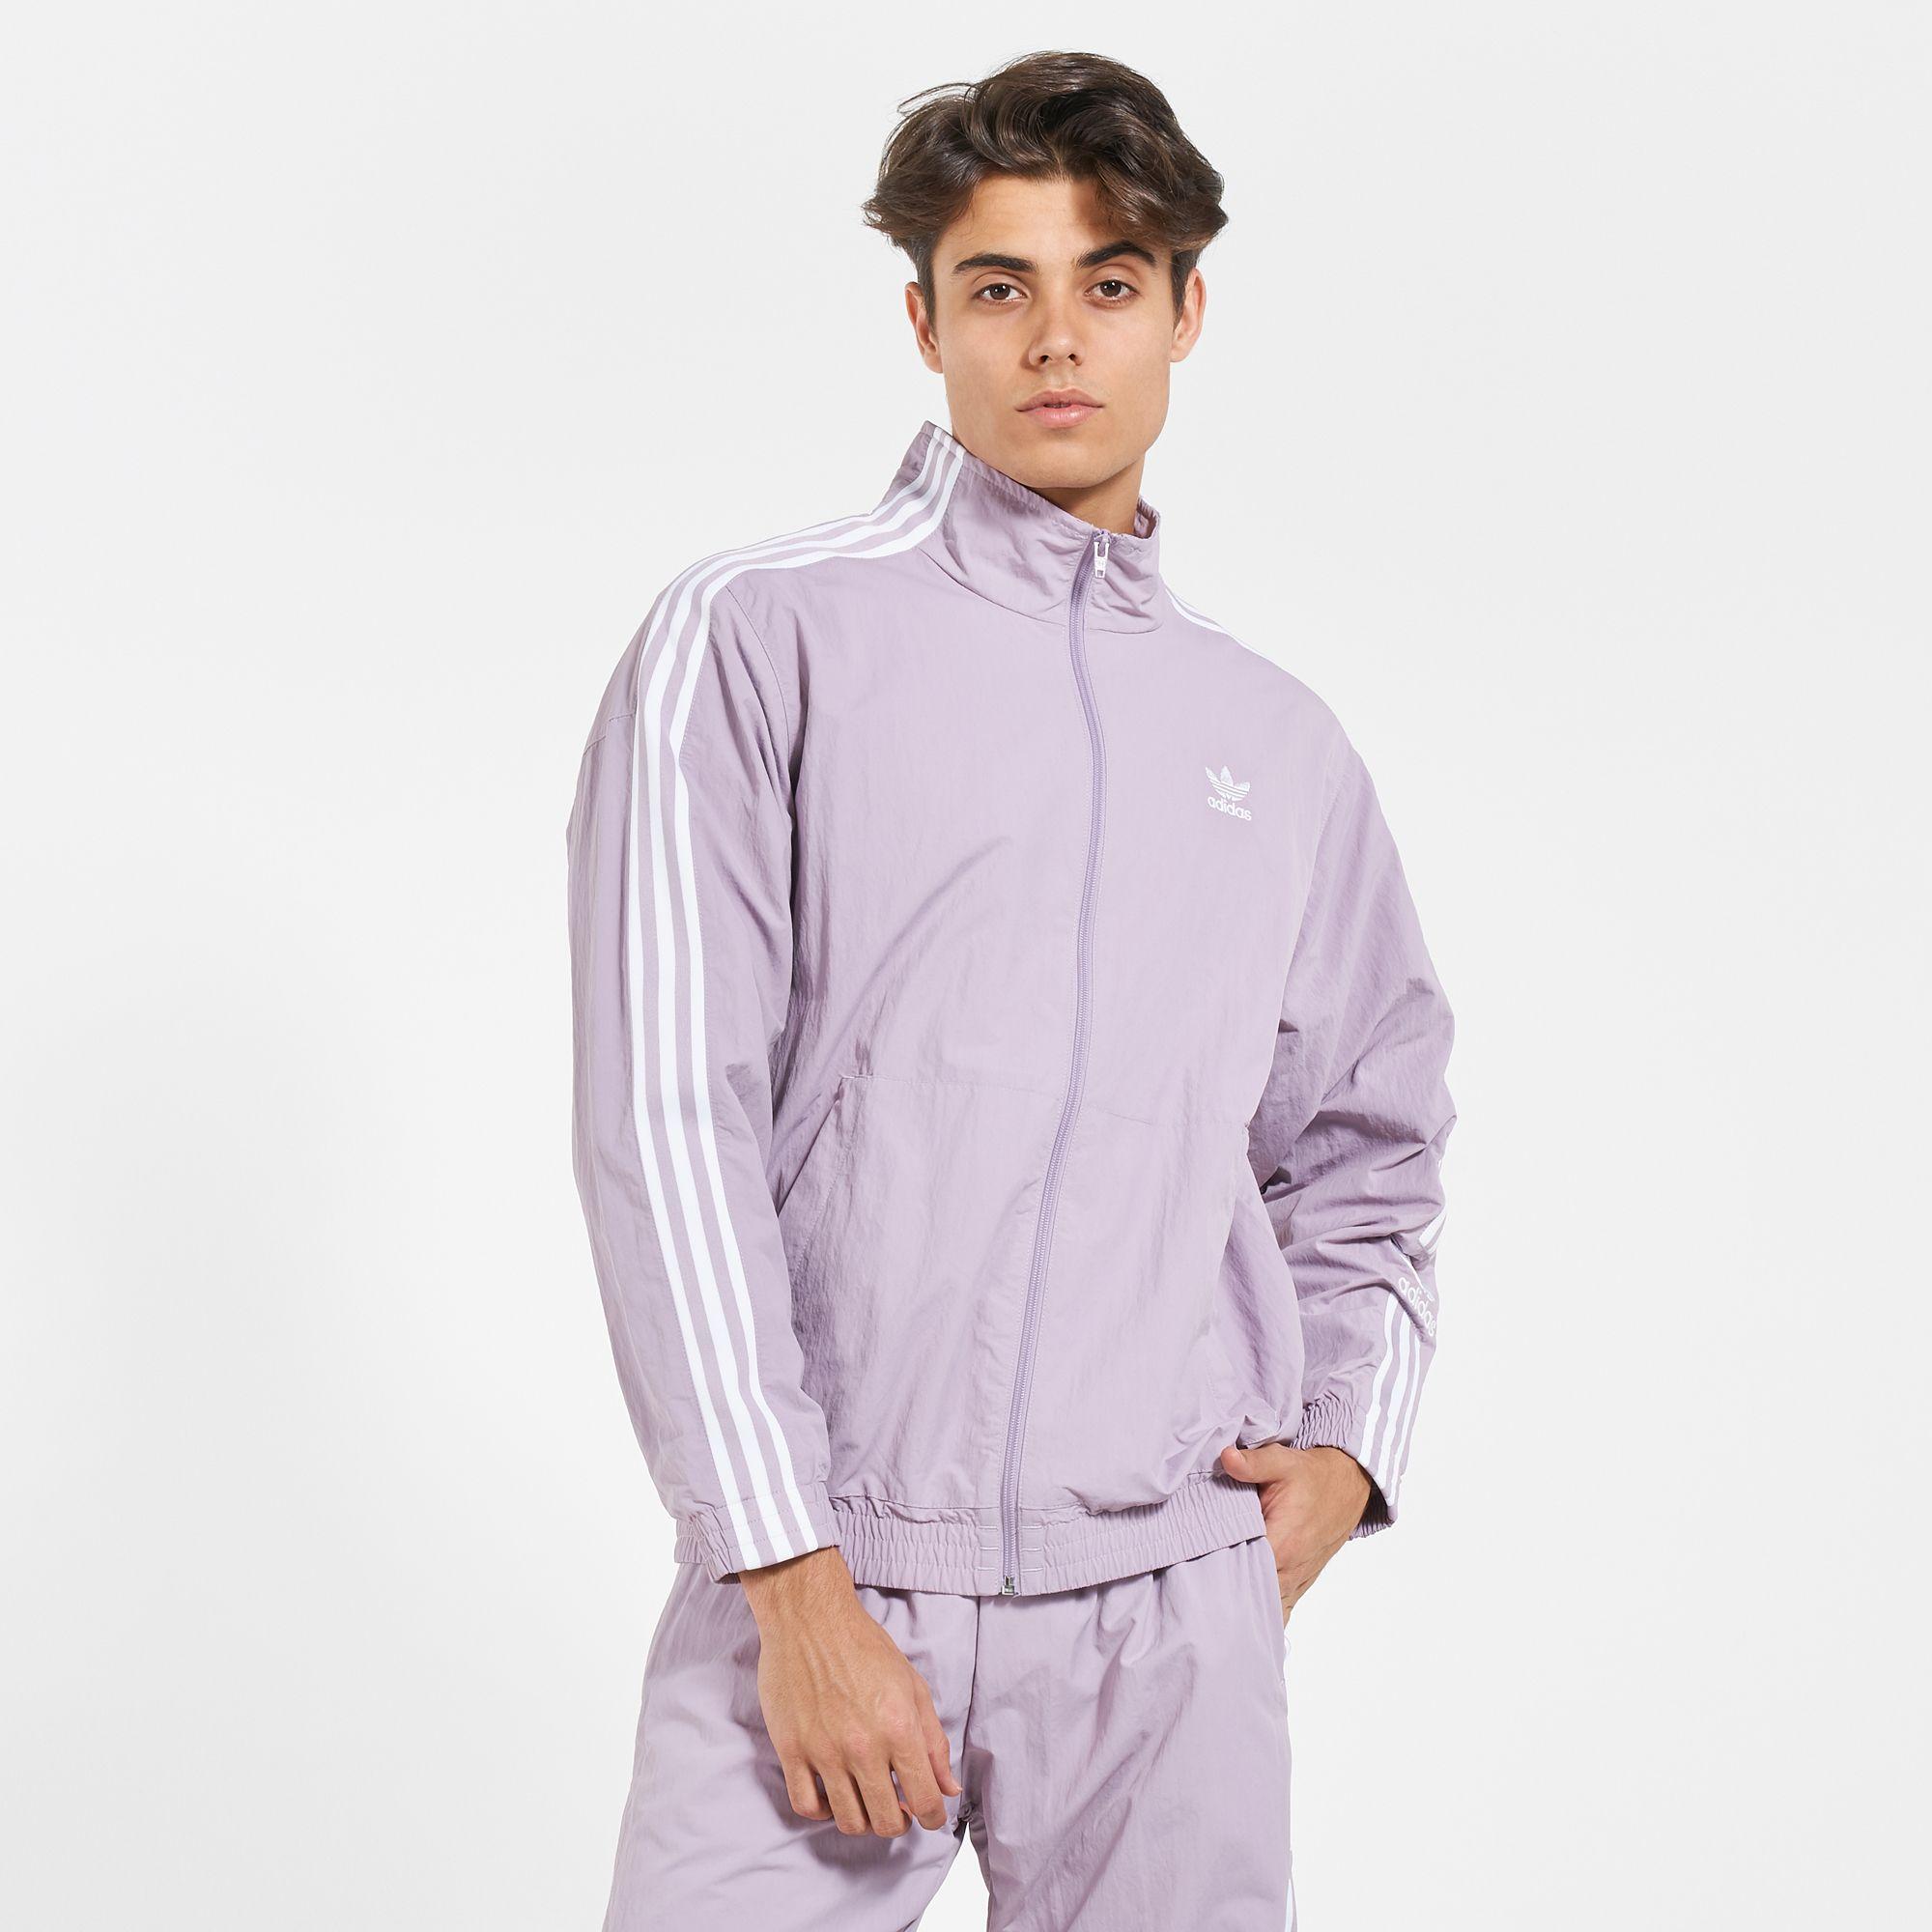 adidas Originals Men's Woven Track Jacket